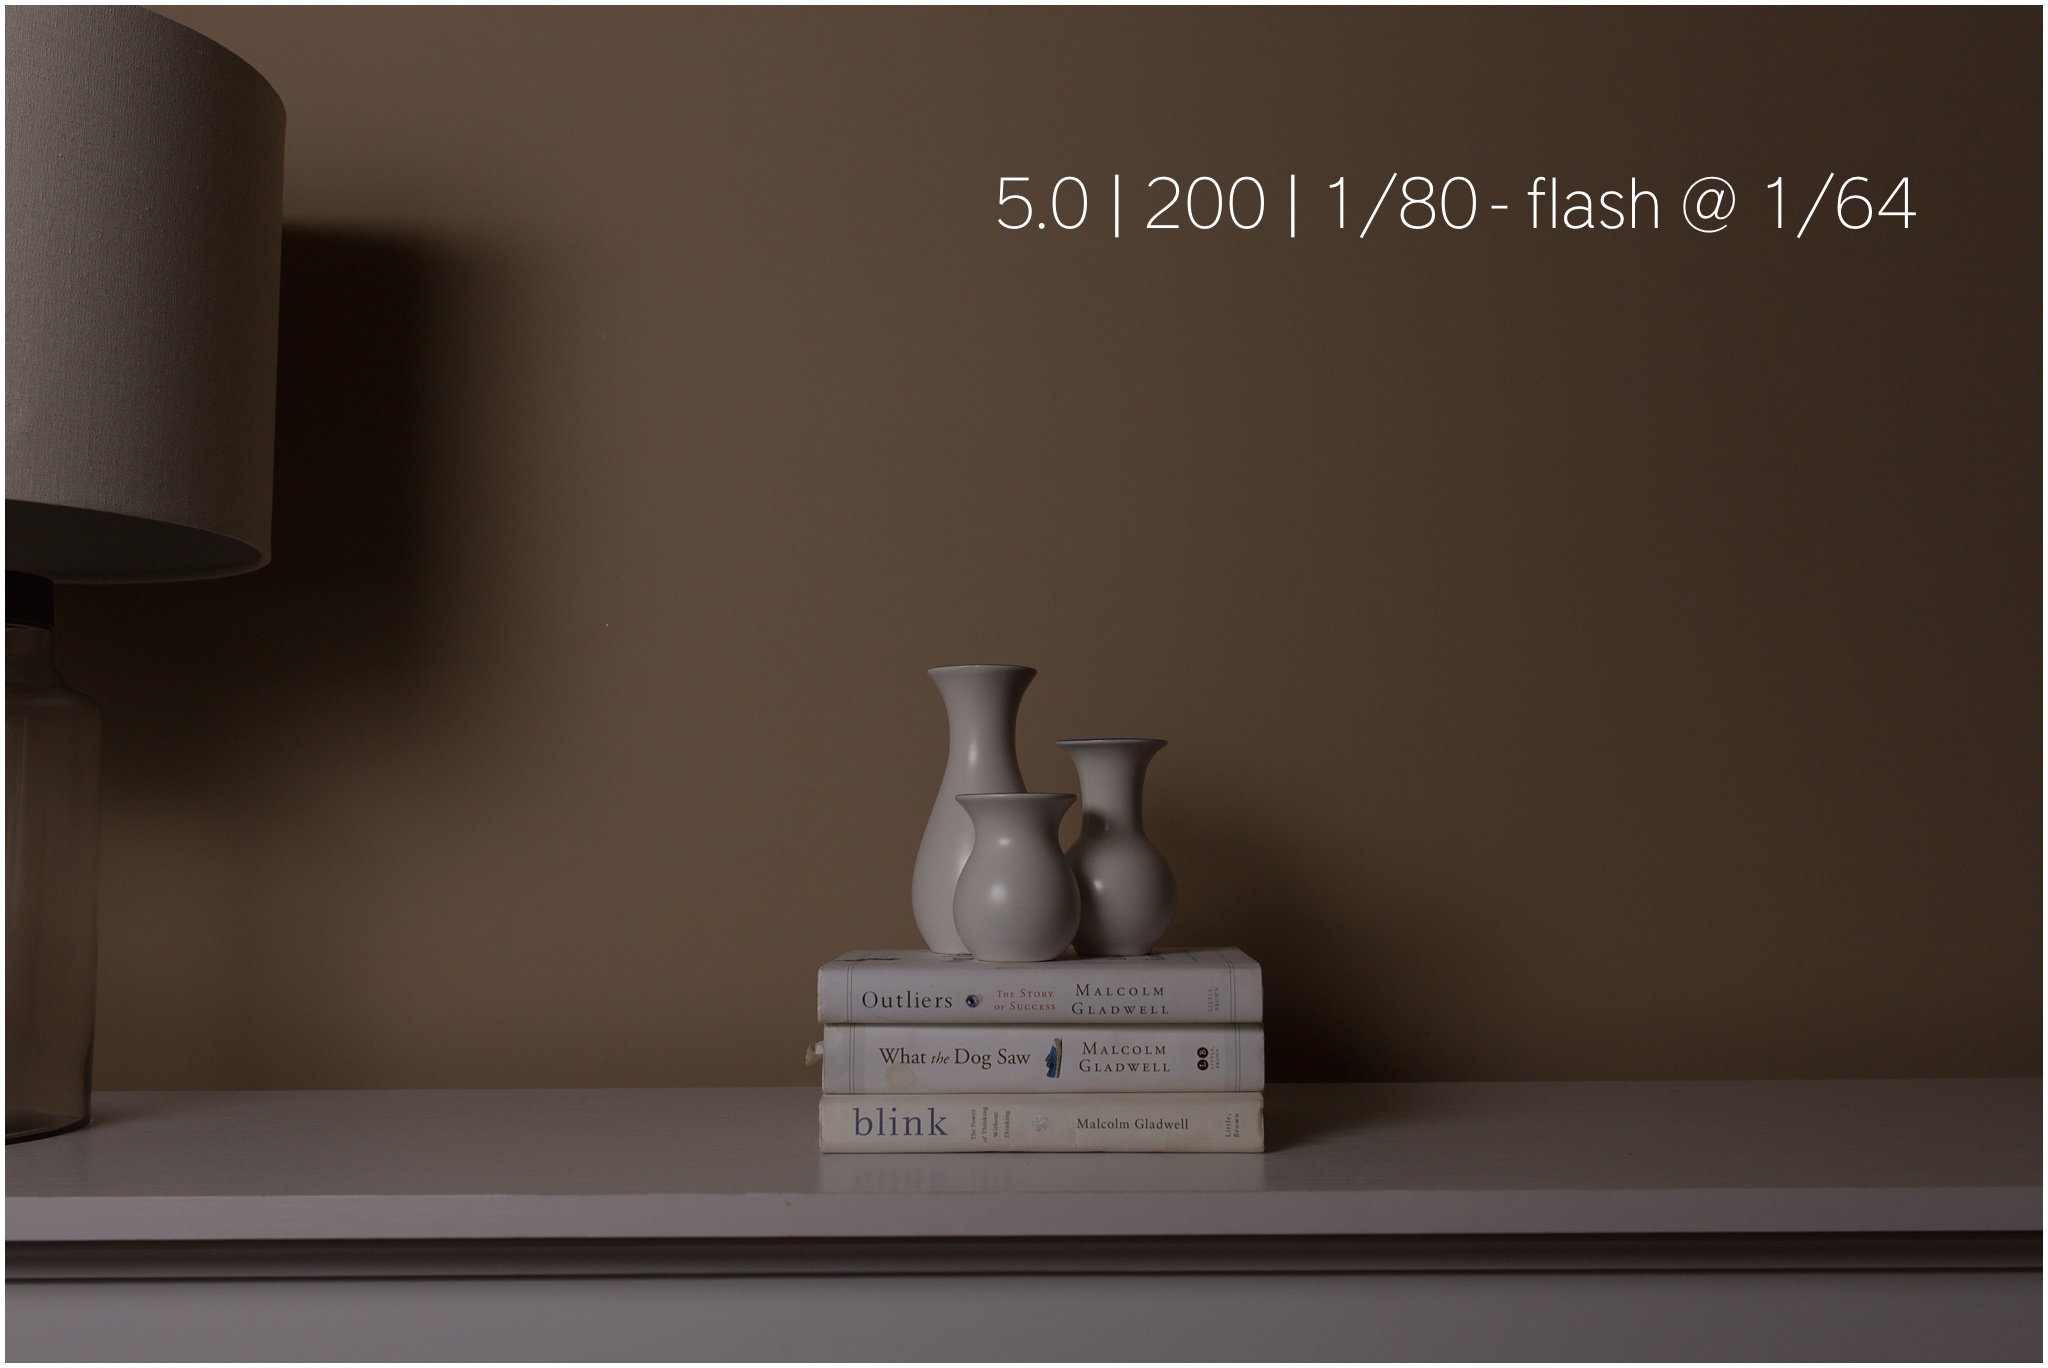 Flash_Selfie-103.jpg